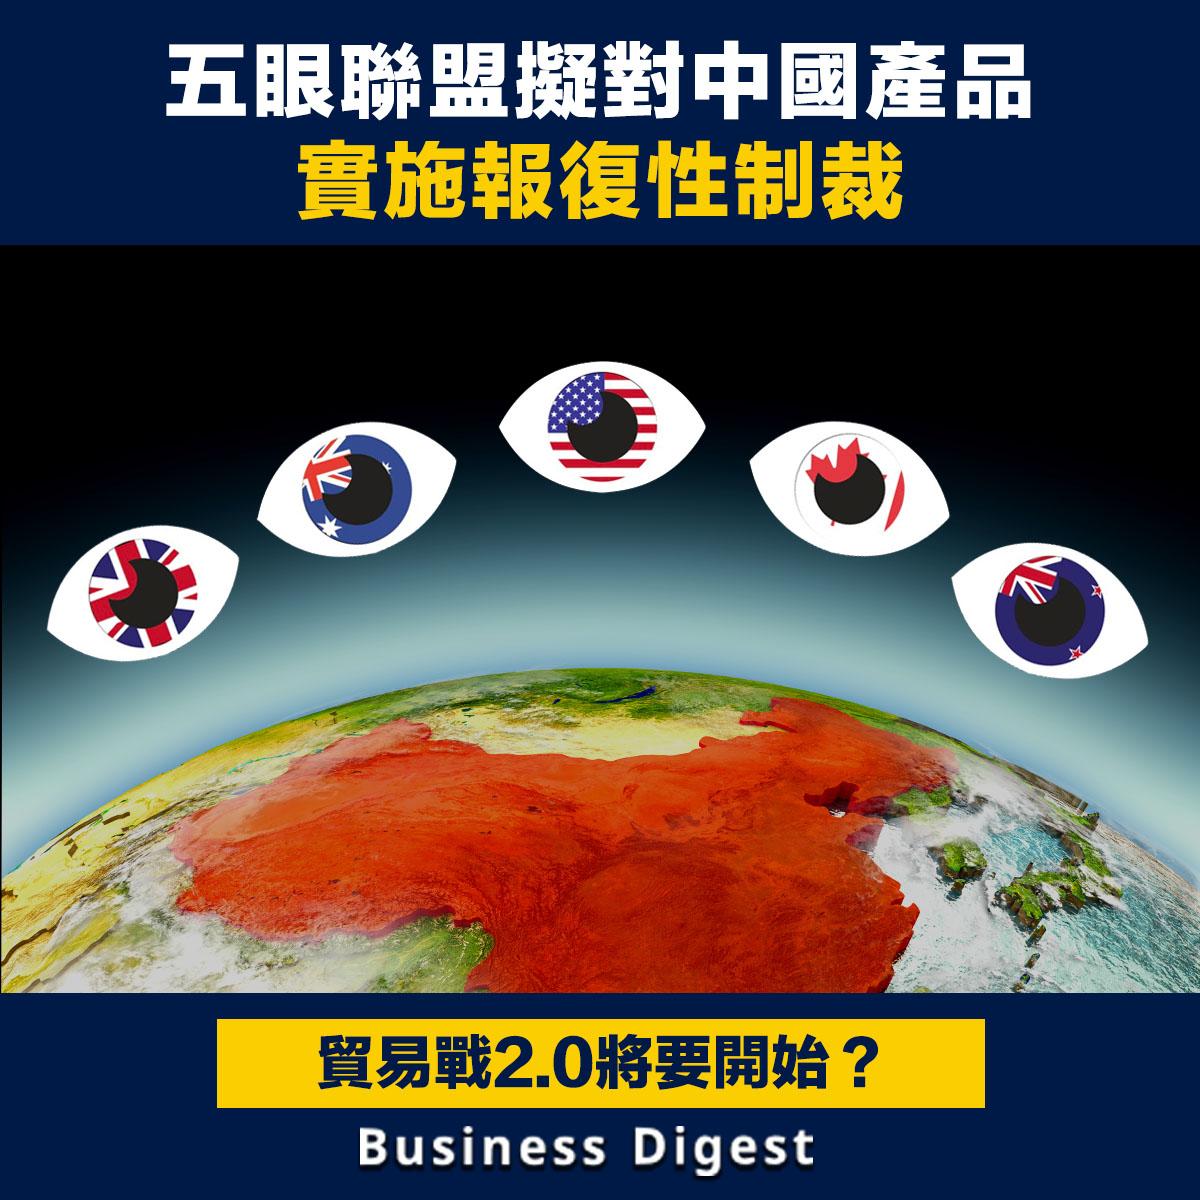 五眼聯盟擬對中國產品實施報復性制裁